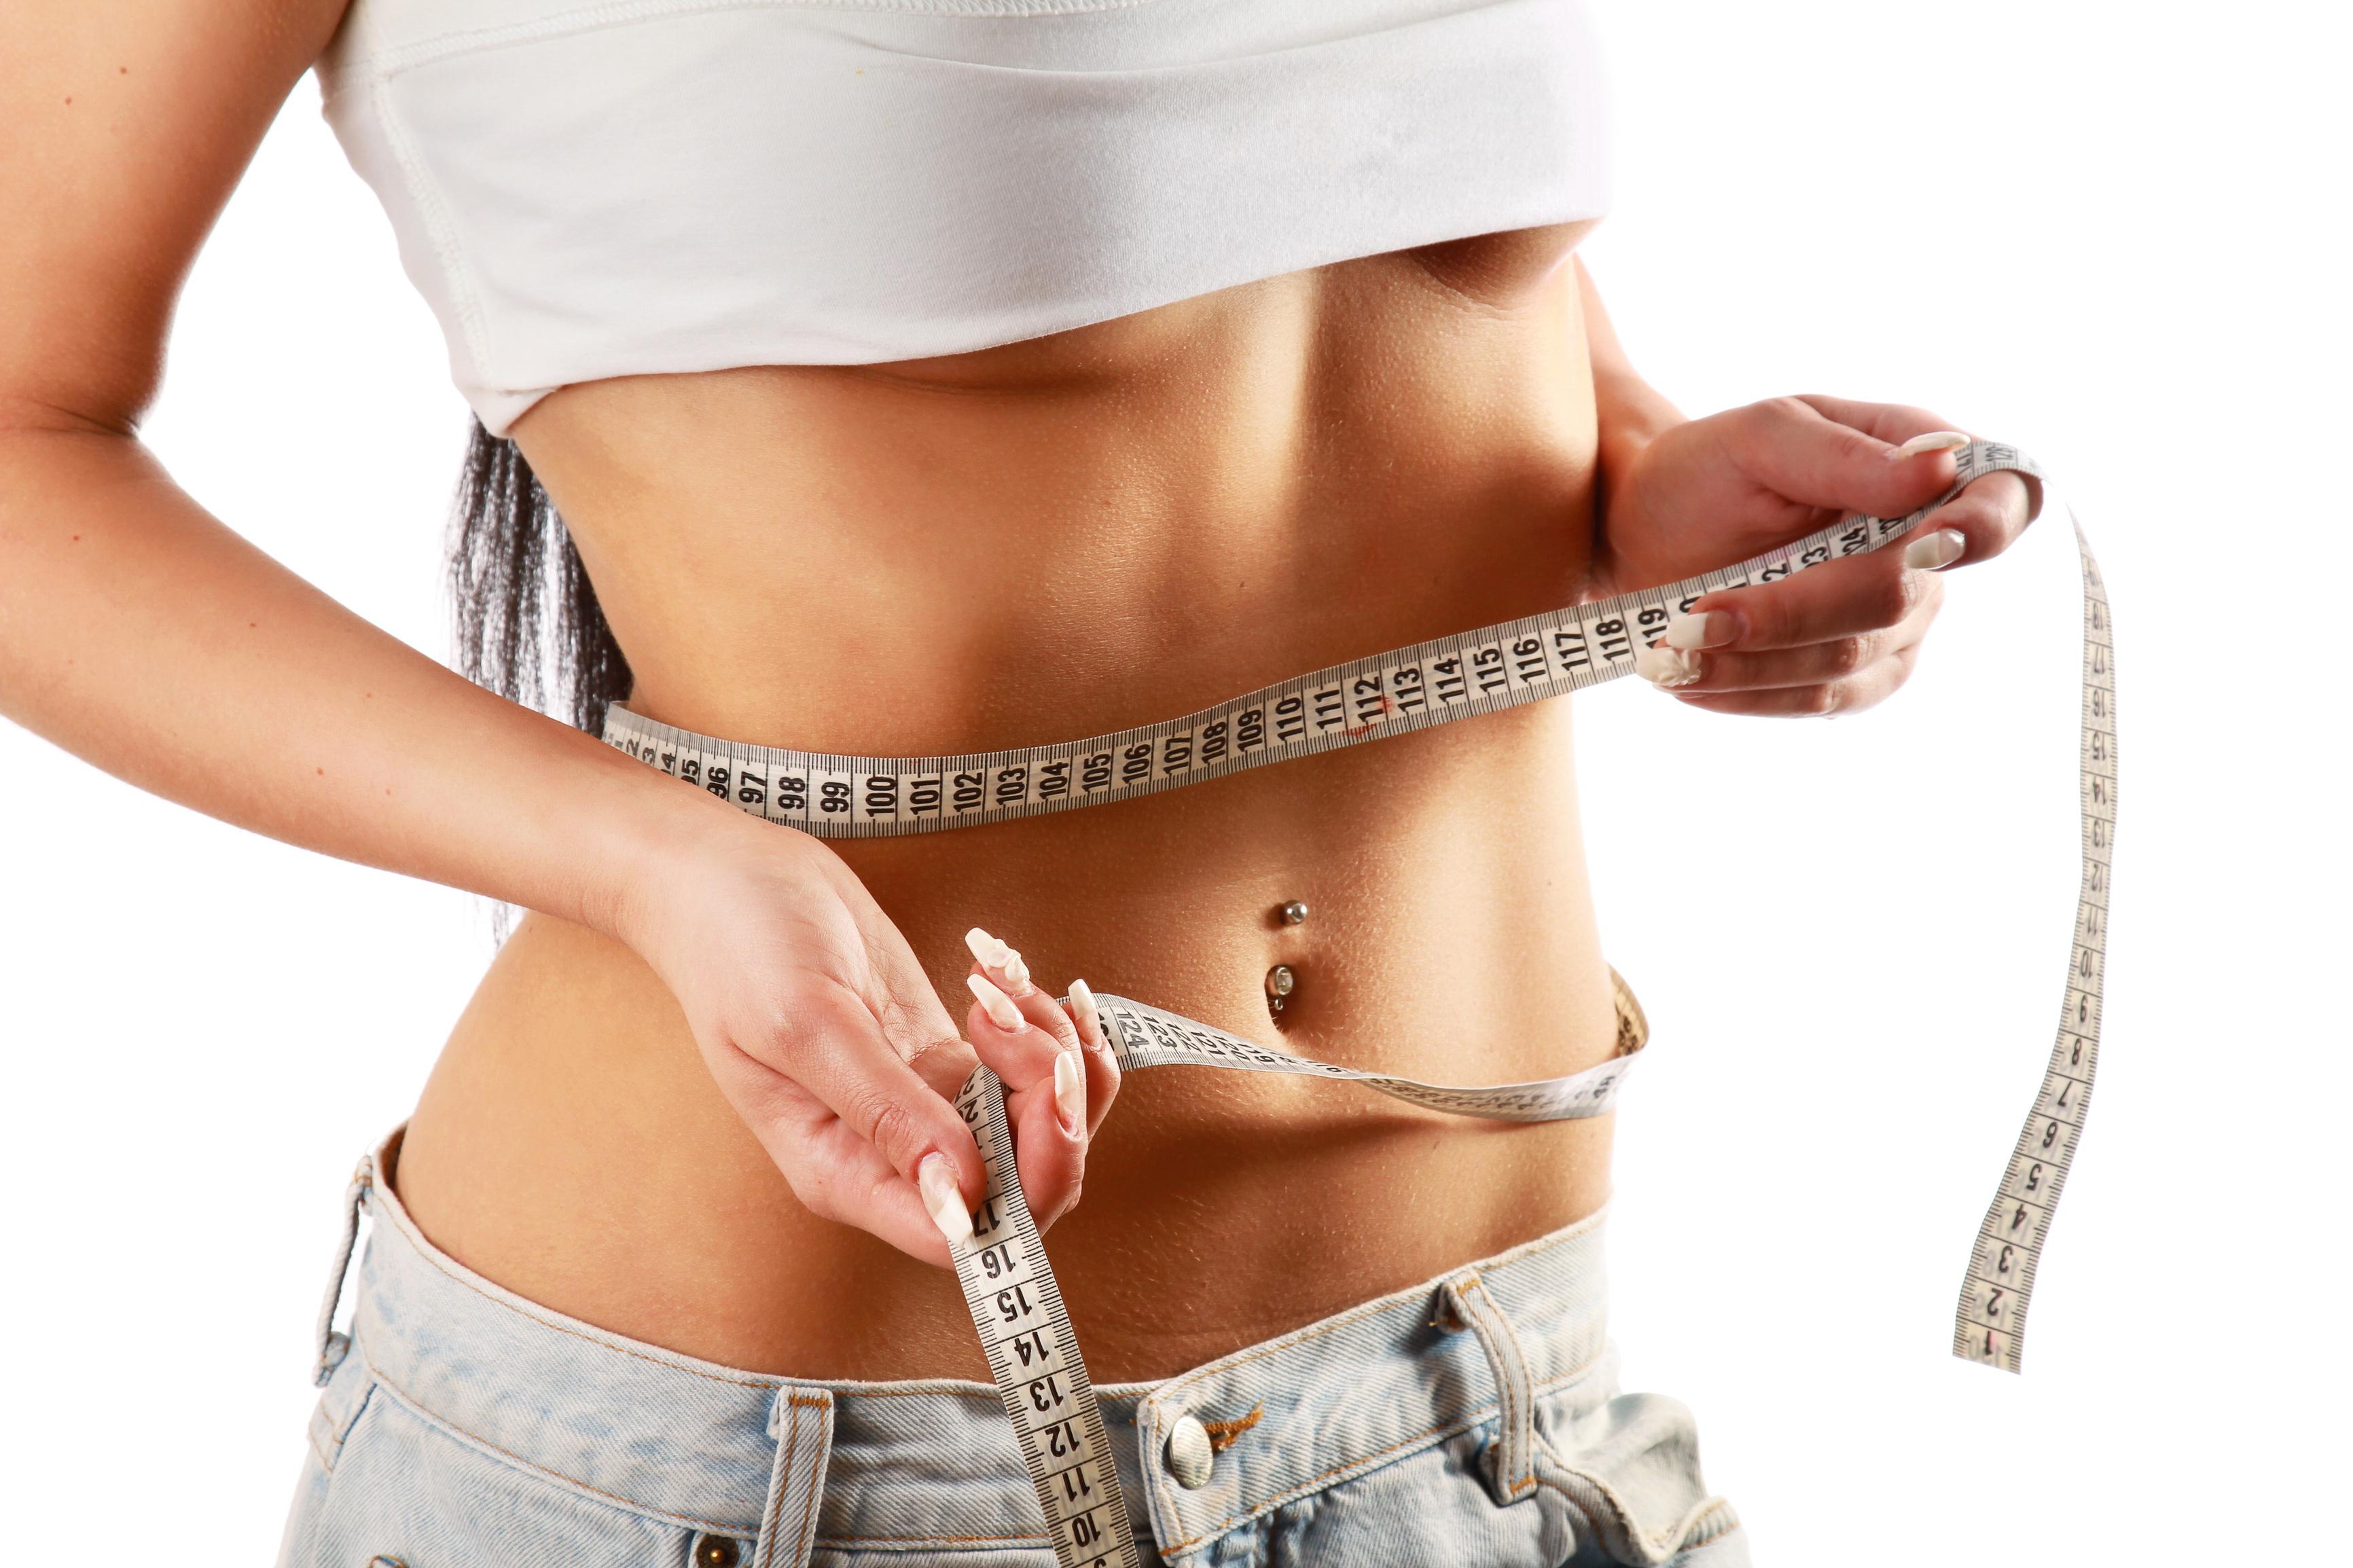 Чи допомагають пластирі для схуднення?